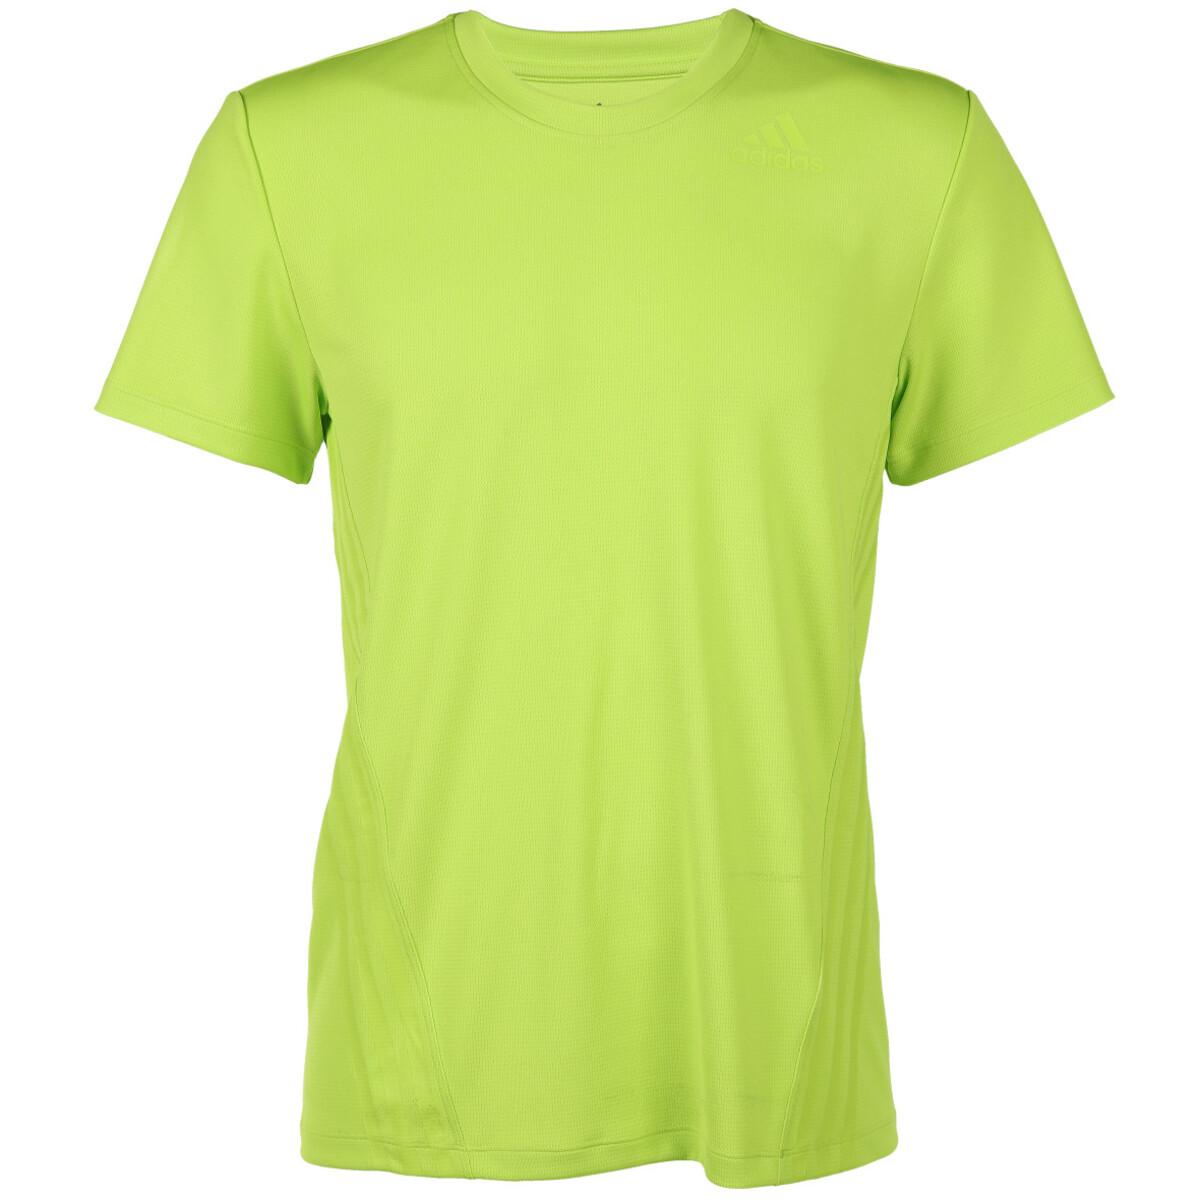 Bild 1 von Herren 3-Streifen Sportshirt AEROREADY